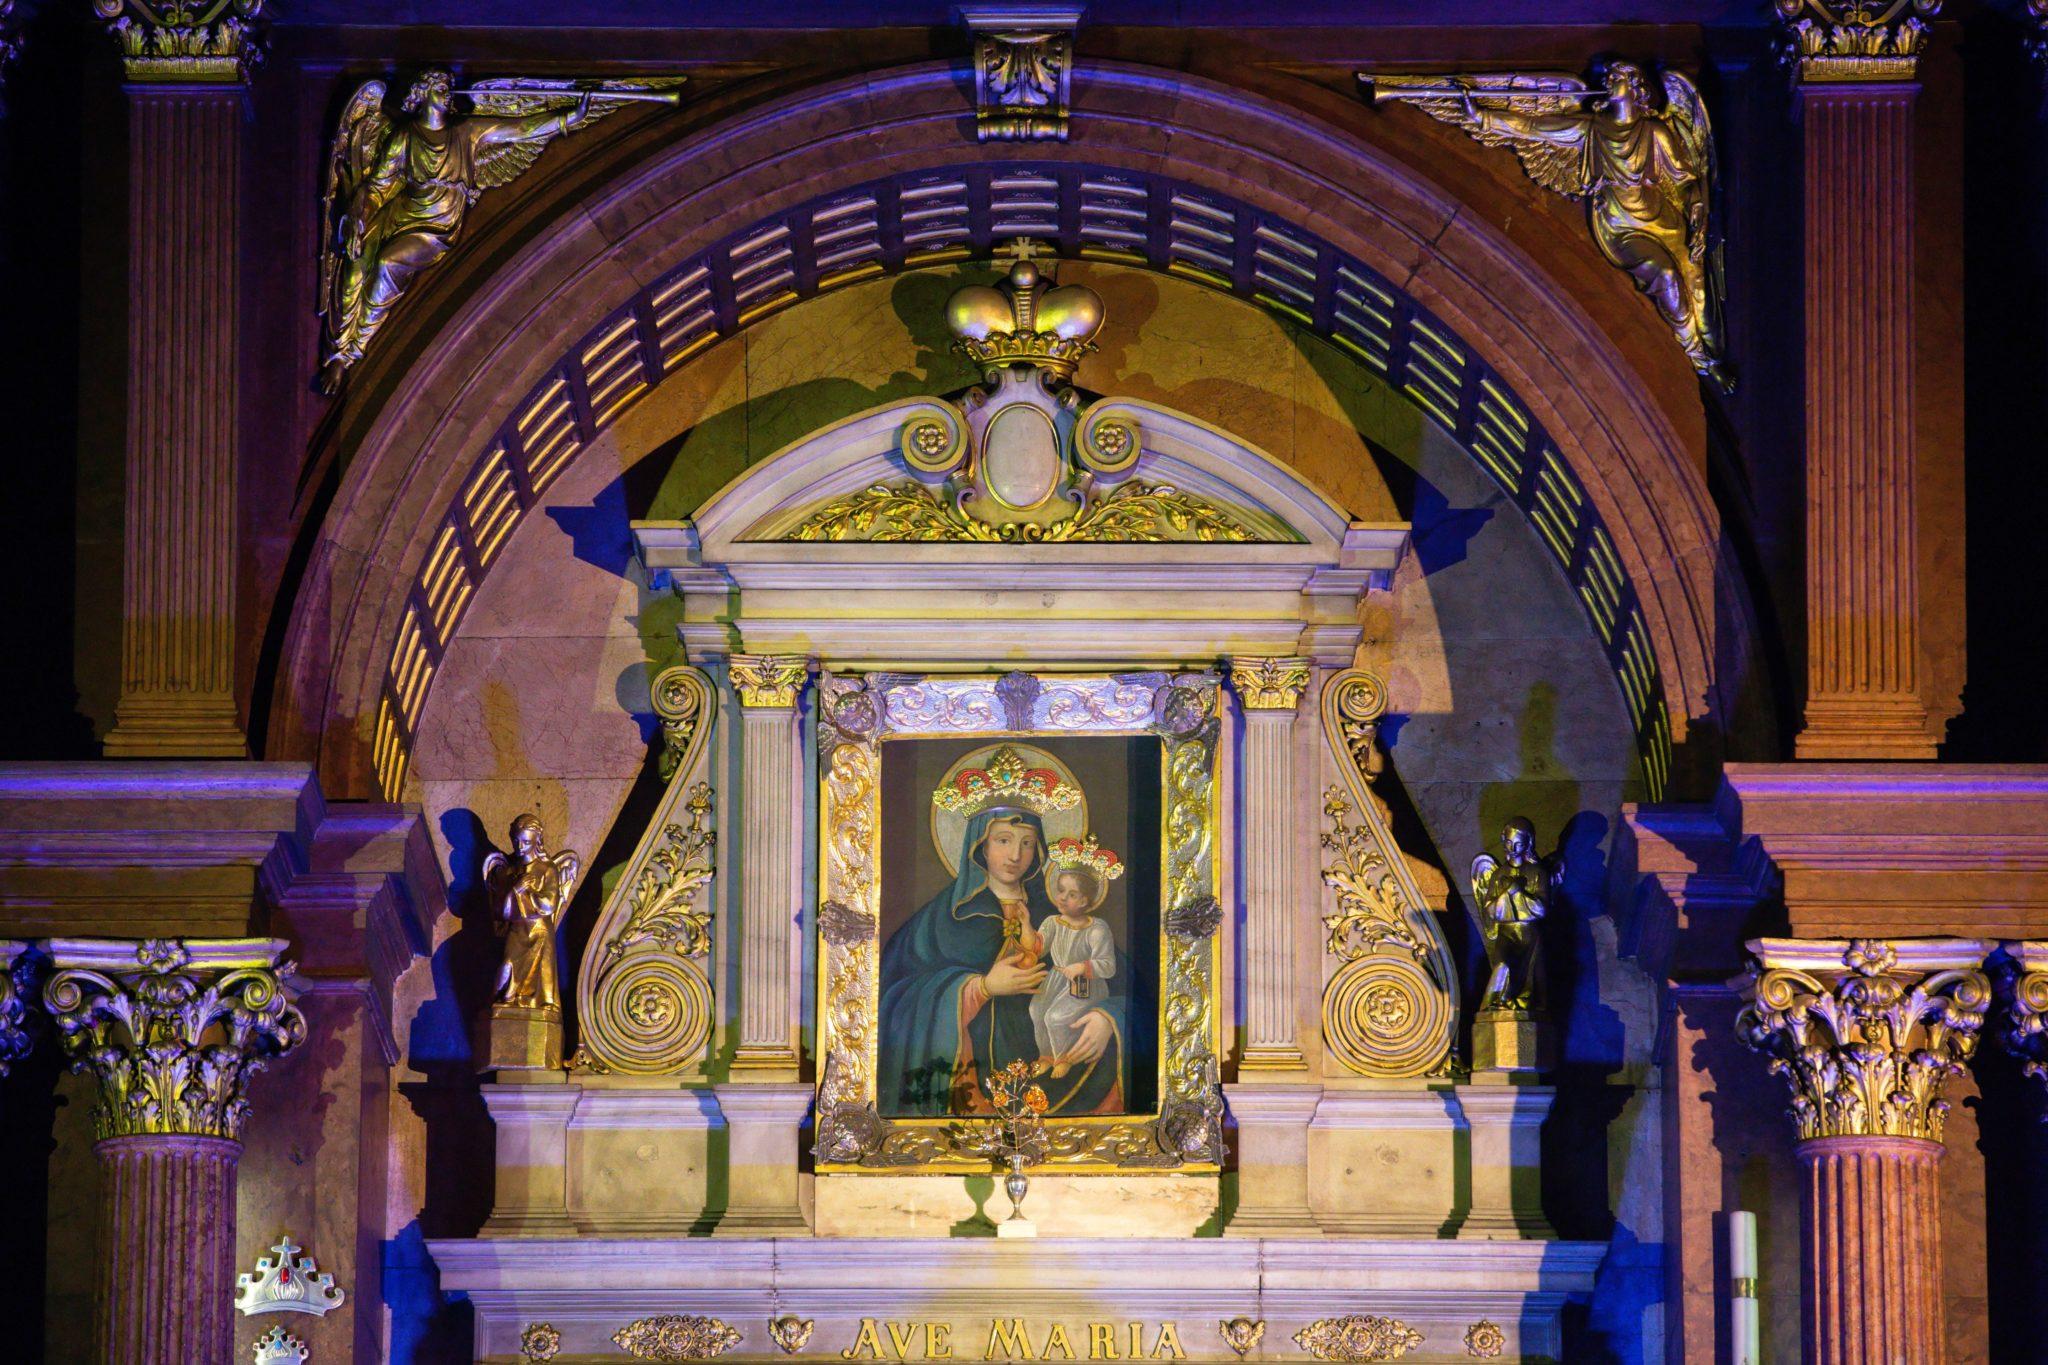 Zdjęcie: obraz Matki Boskiej Piekarskiej w czasie przedstawienia historycznego